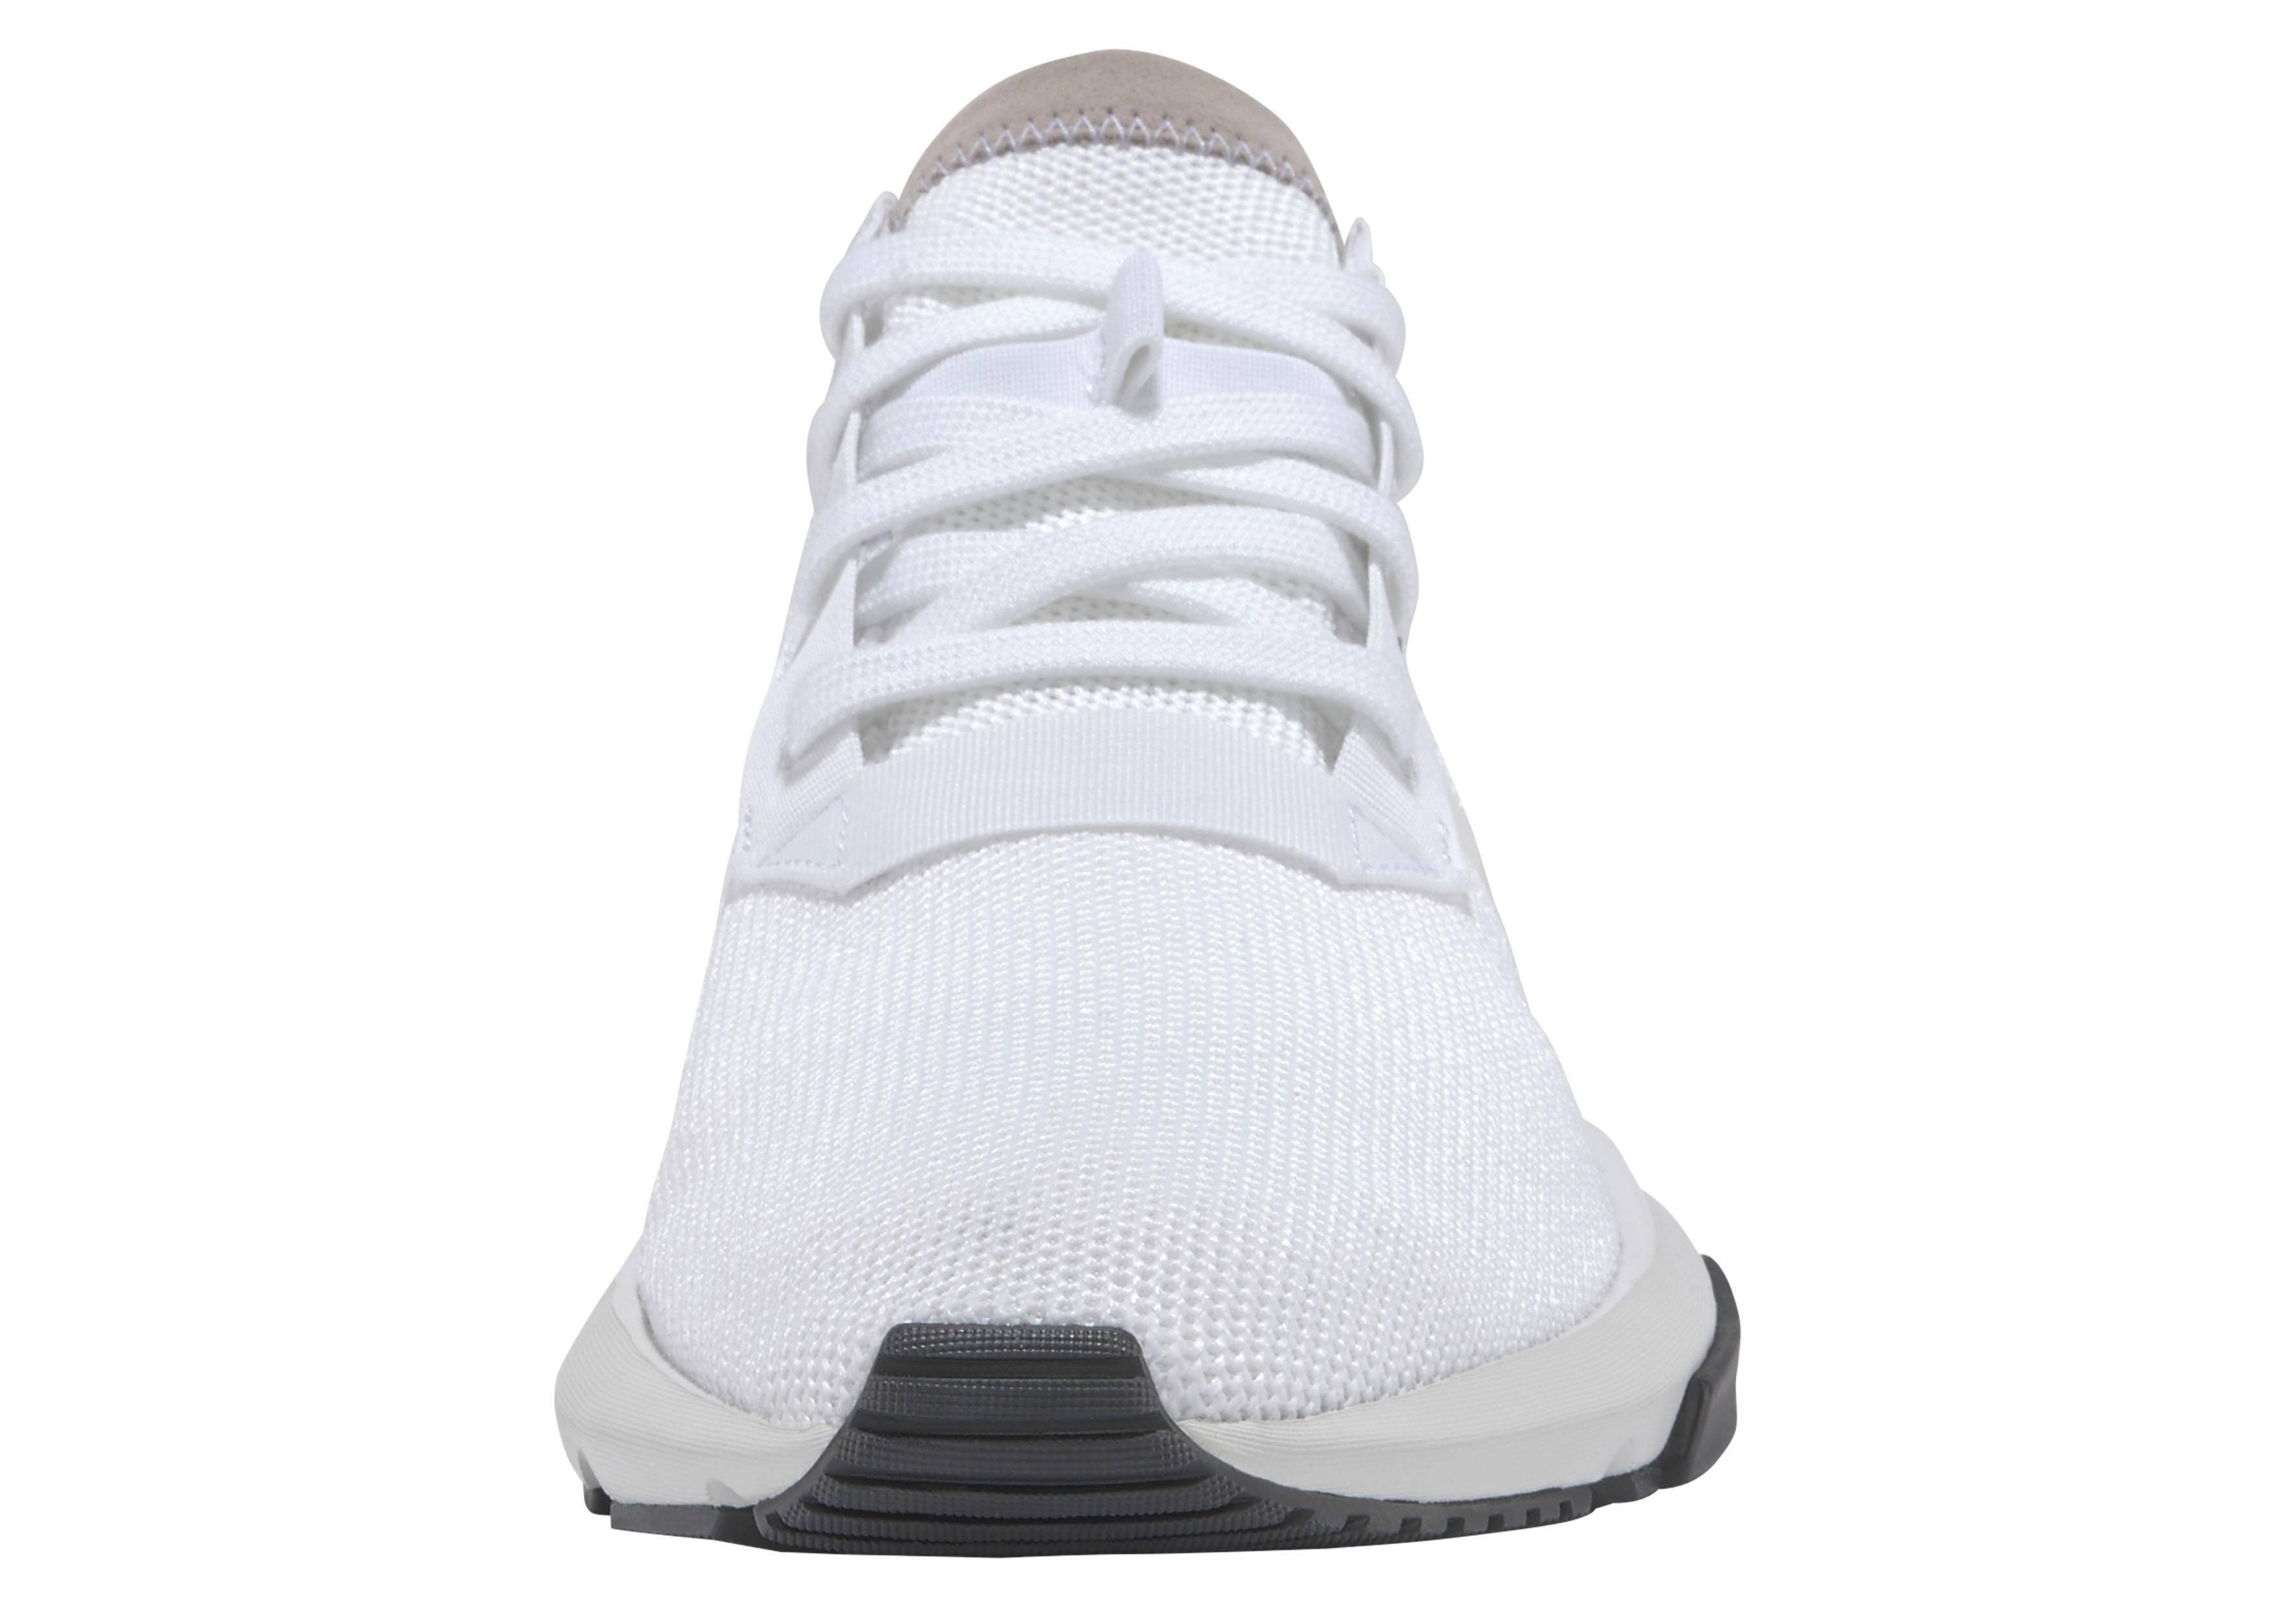 1 s3 44 Cammello Pod Taglia Adidas Originals WhiteSneaker SzGMVLqUp